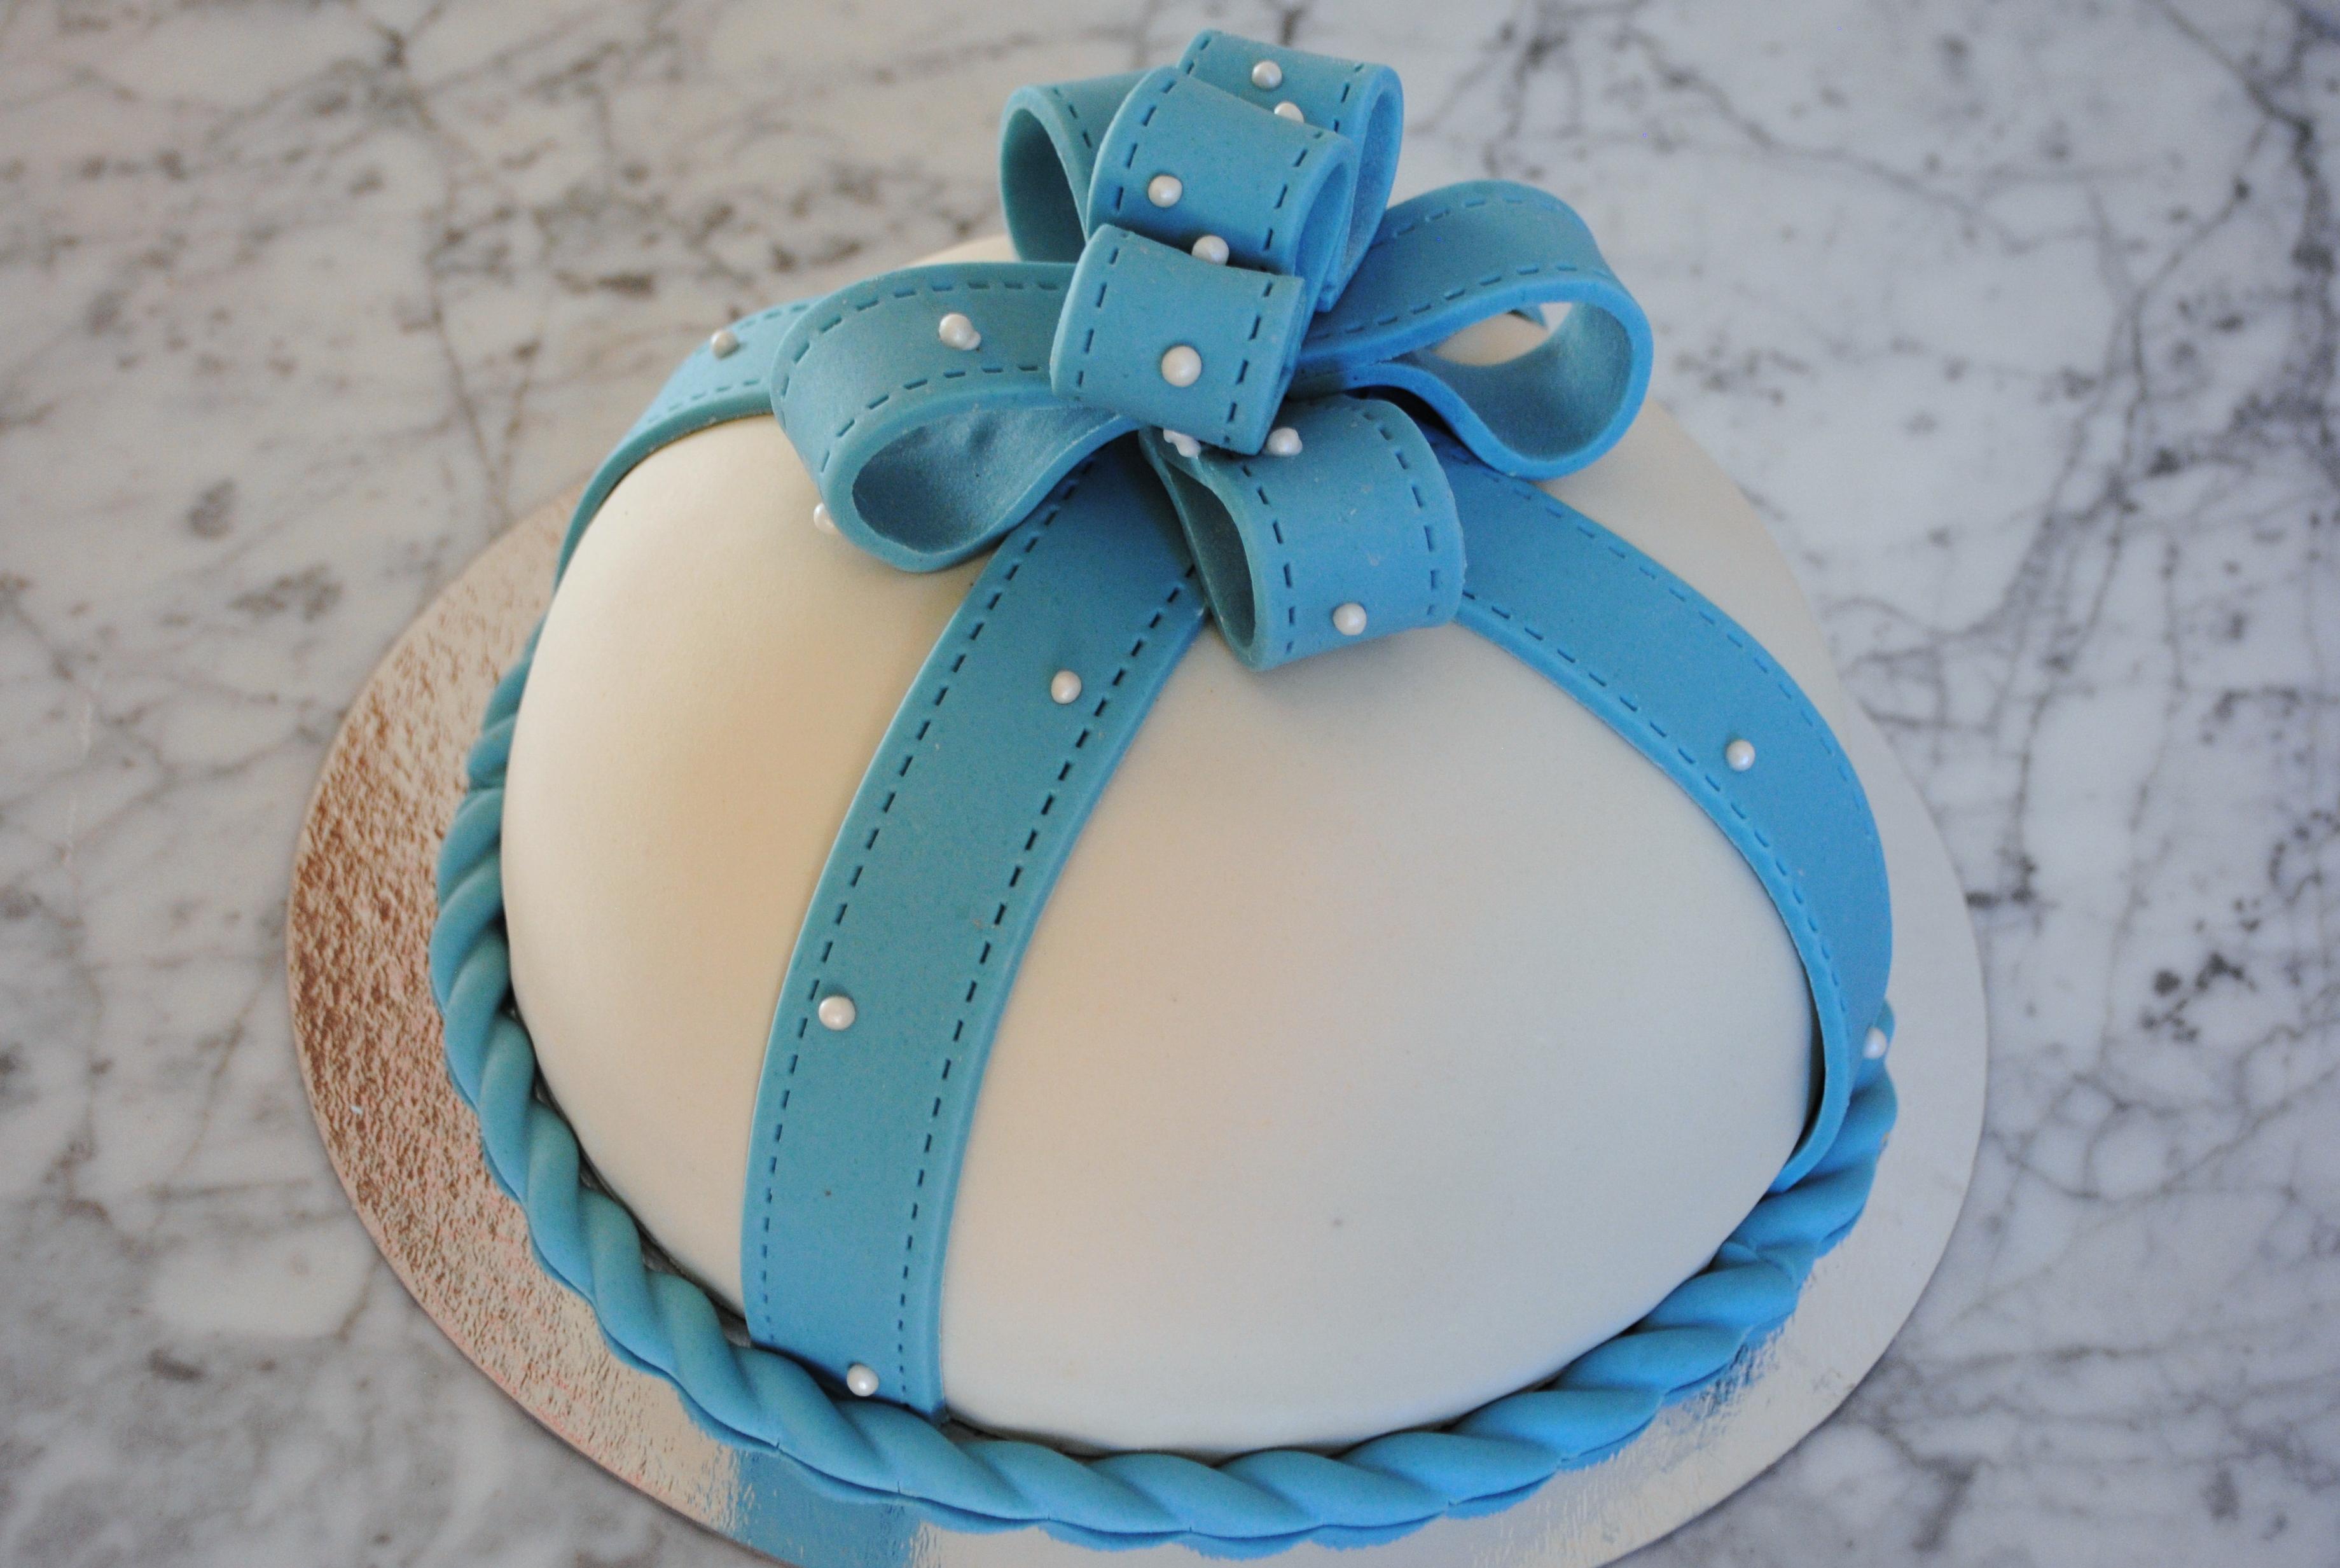 Pakettårta